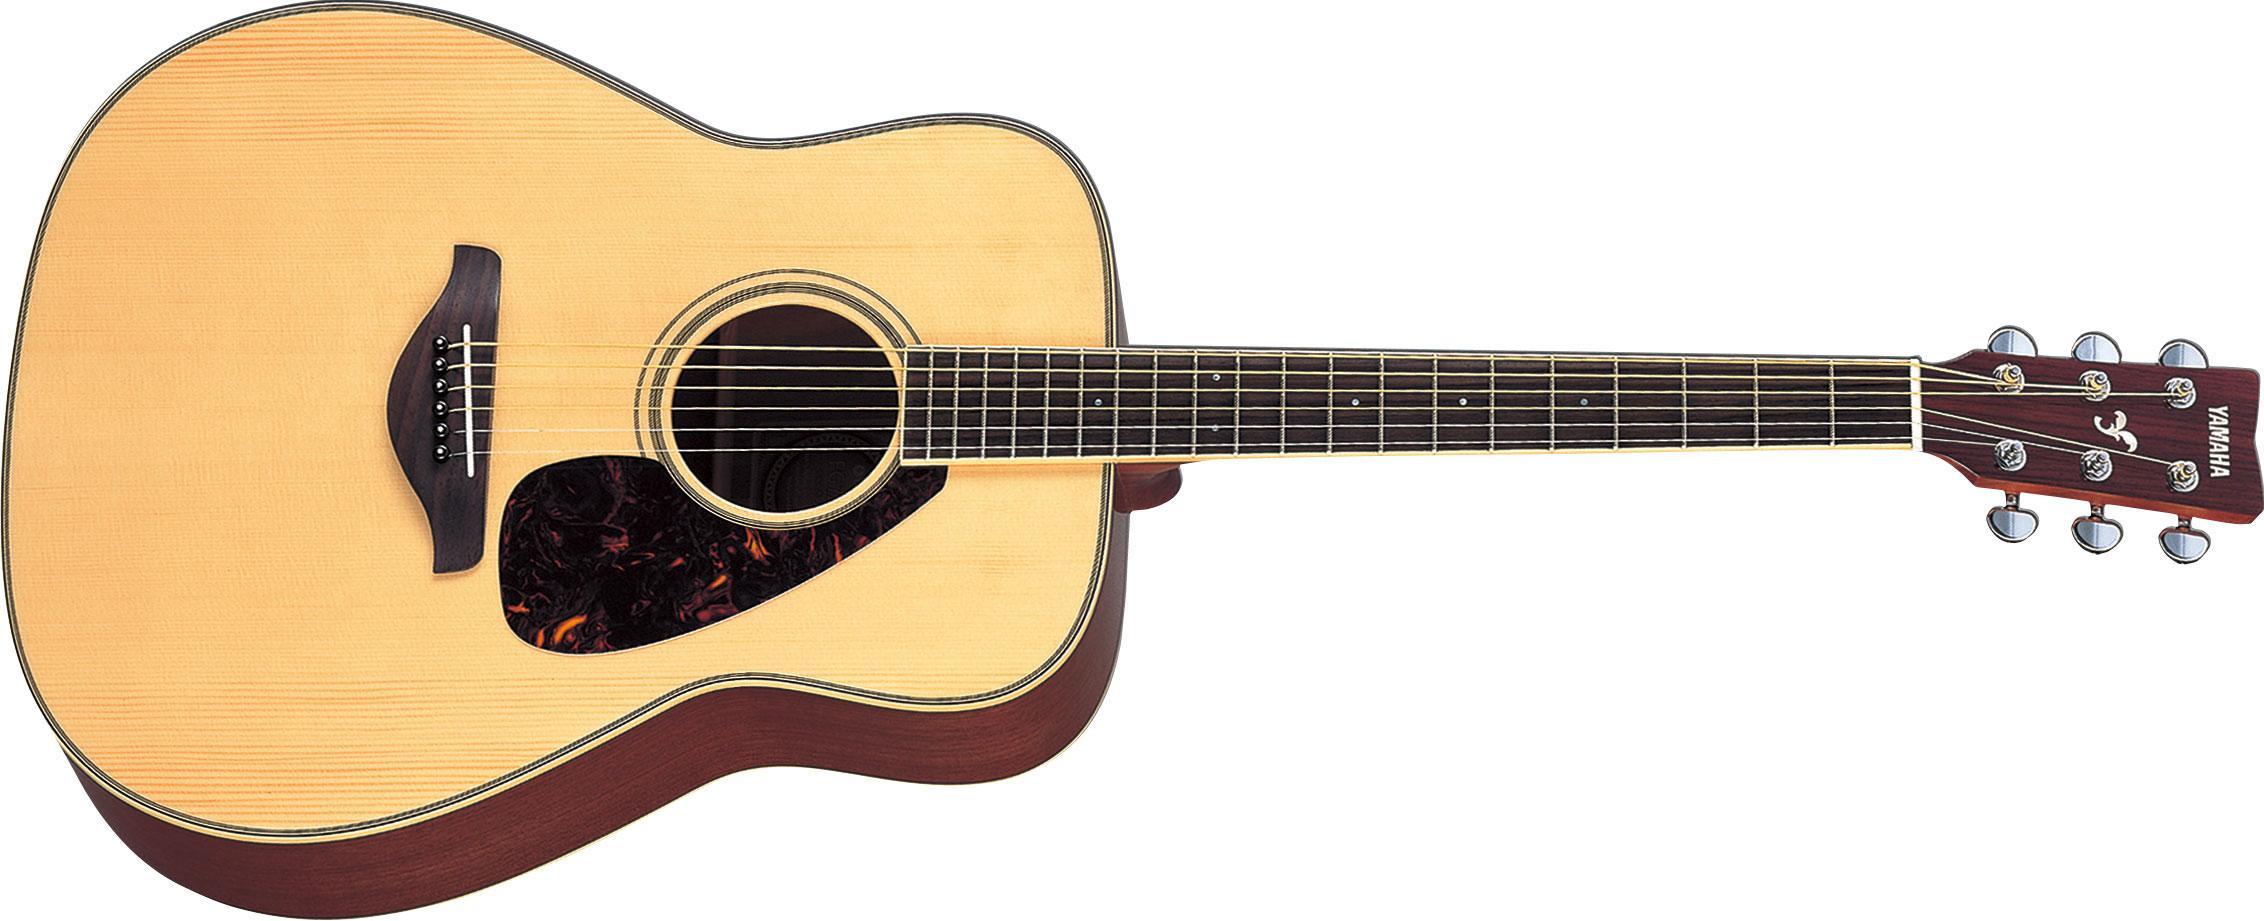 Акустическая гитара yamaha fg720s — купить Киев, Львов